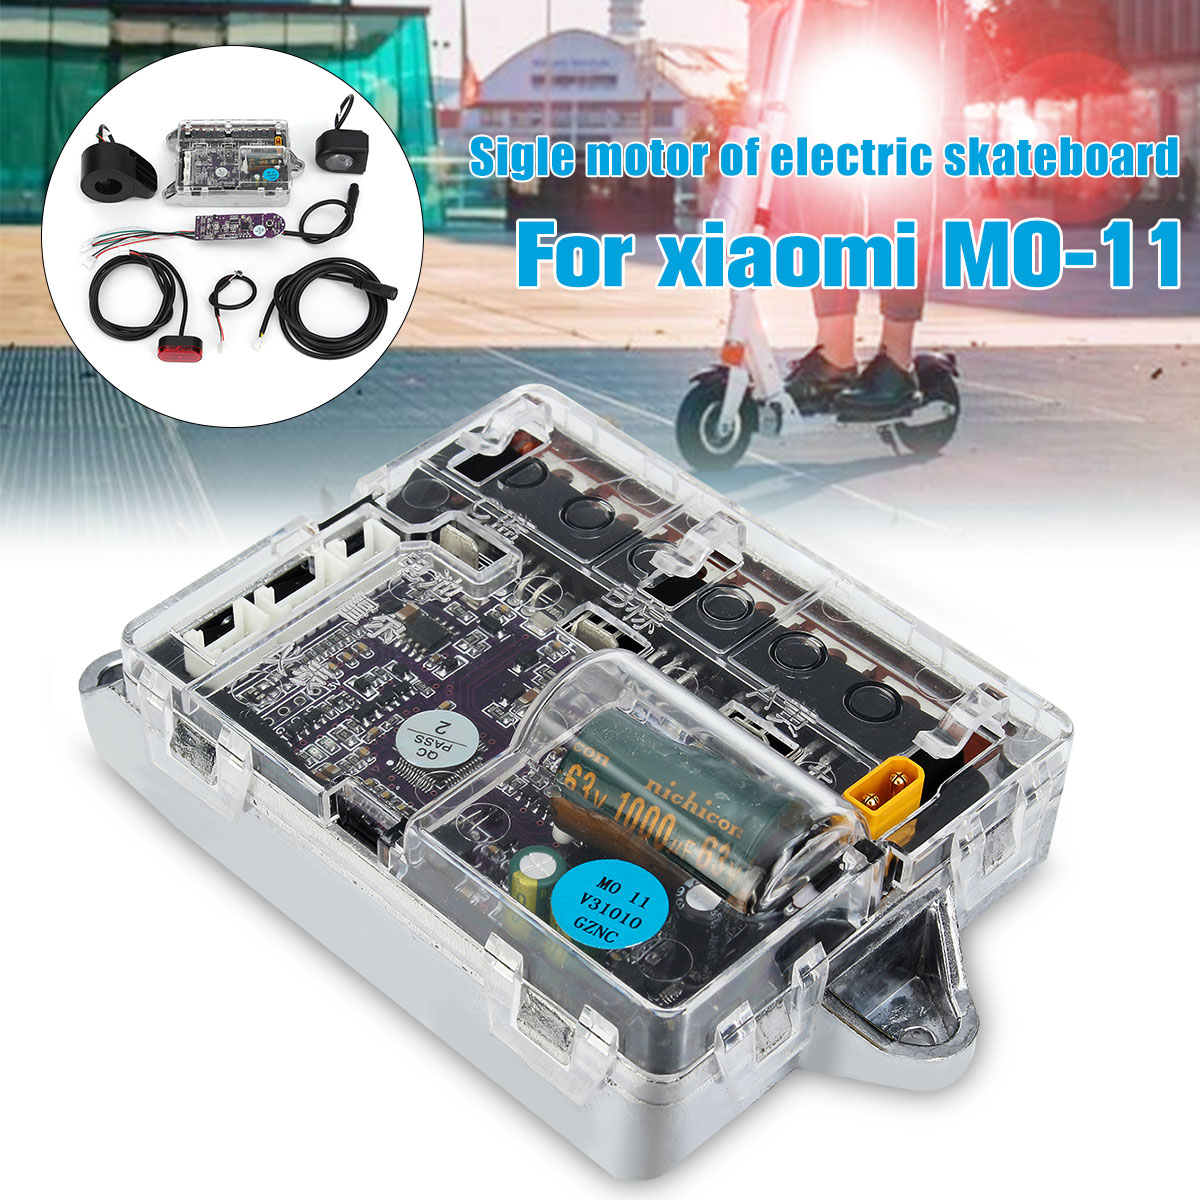 Planche à roulettes trottinette bricolage Sigle Skateboard électrique contrôleur de moteur Principal Conseil ESC Substitut Kit pour M0-11 MO-11 36 V